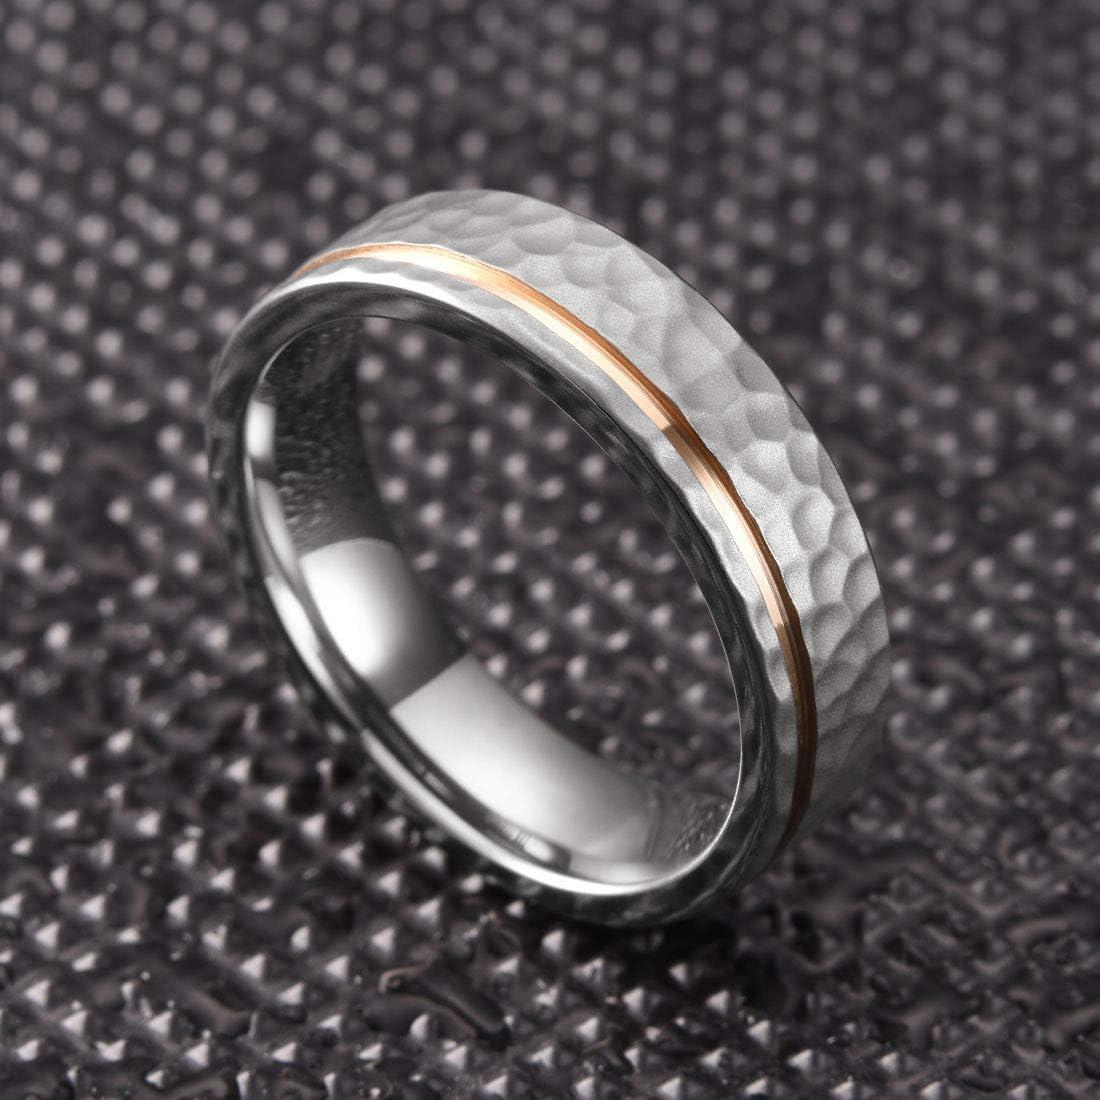 THREE KEYS JEWELRY Titanium Wedding Rings Fashion Bands for Mens Womens